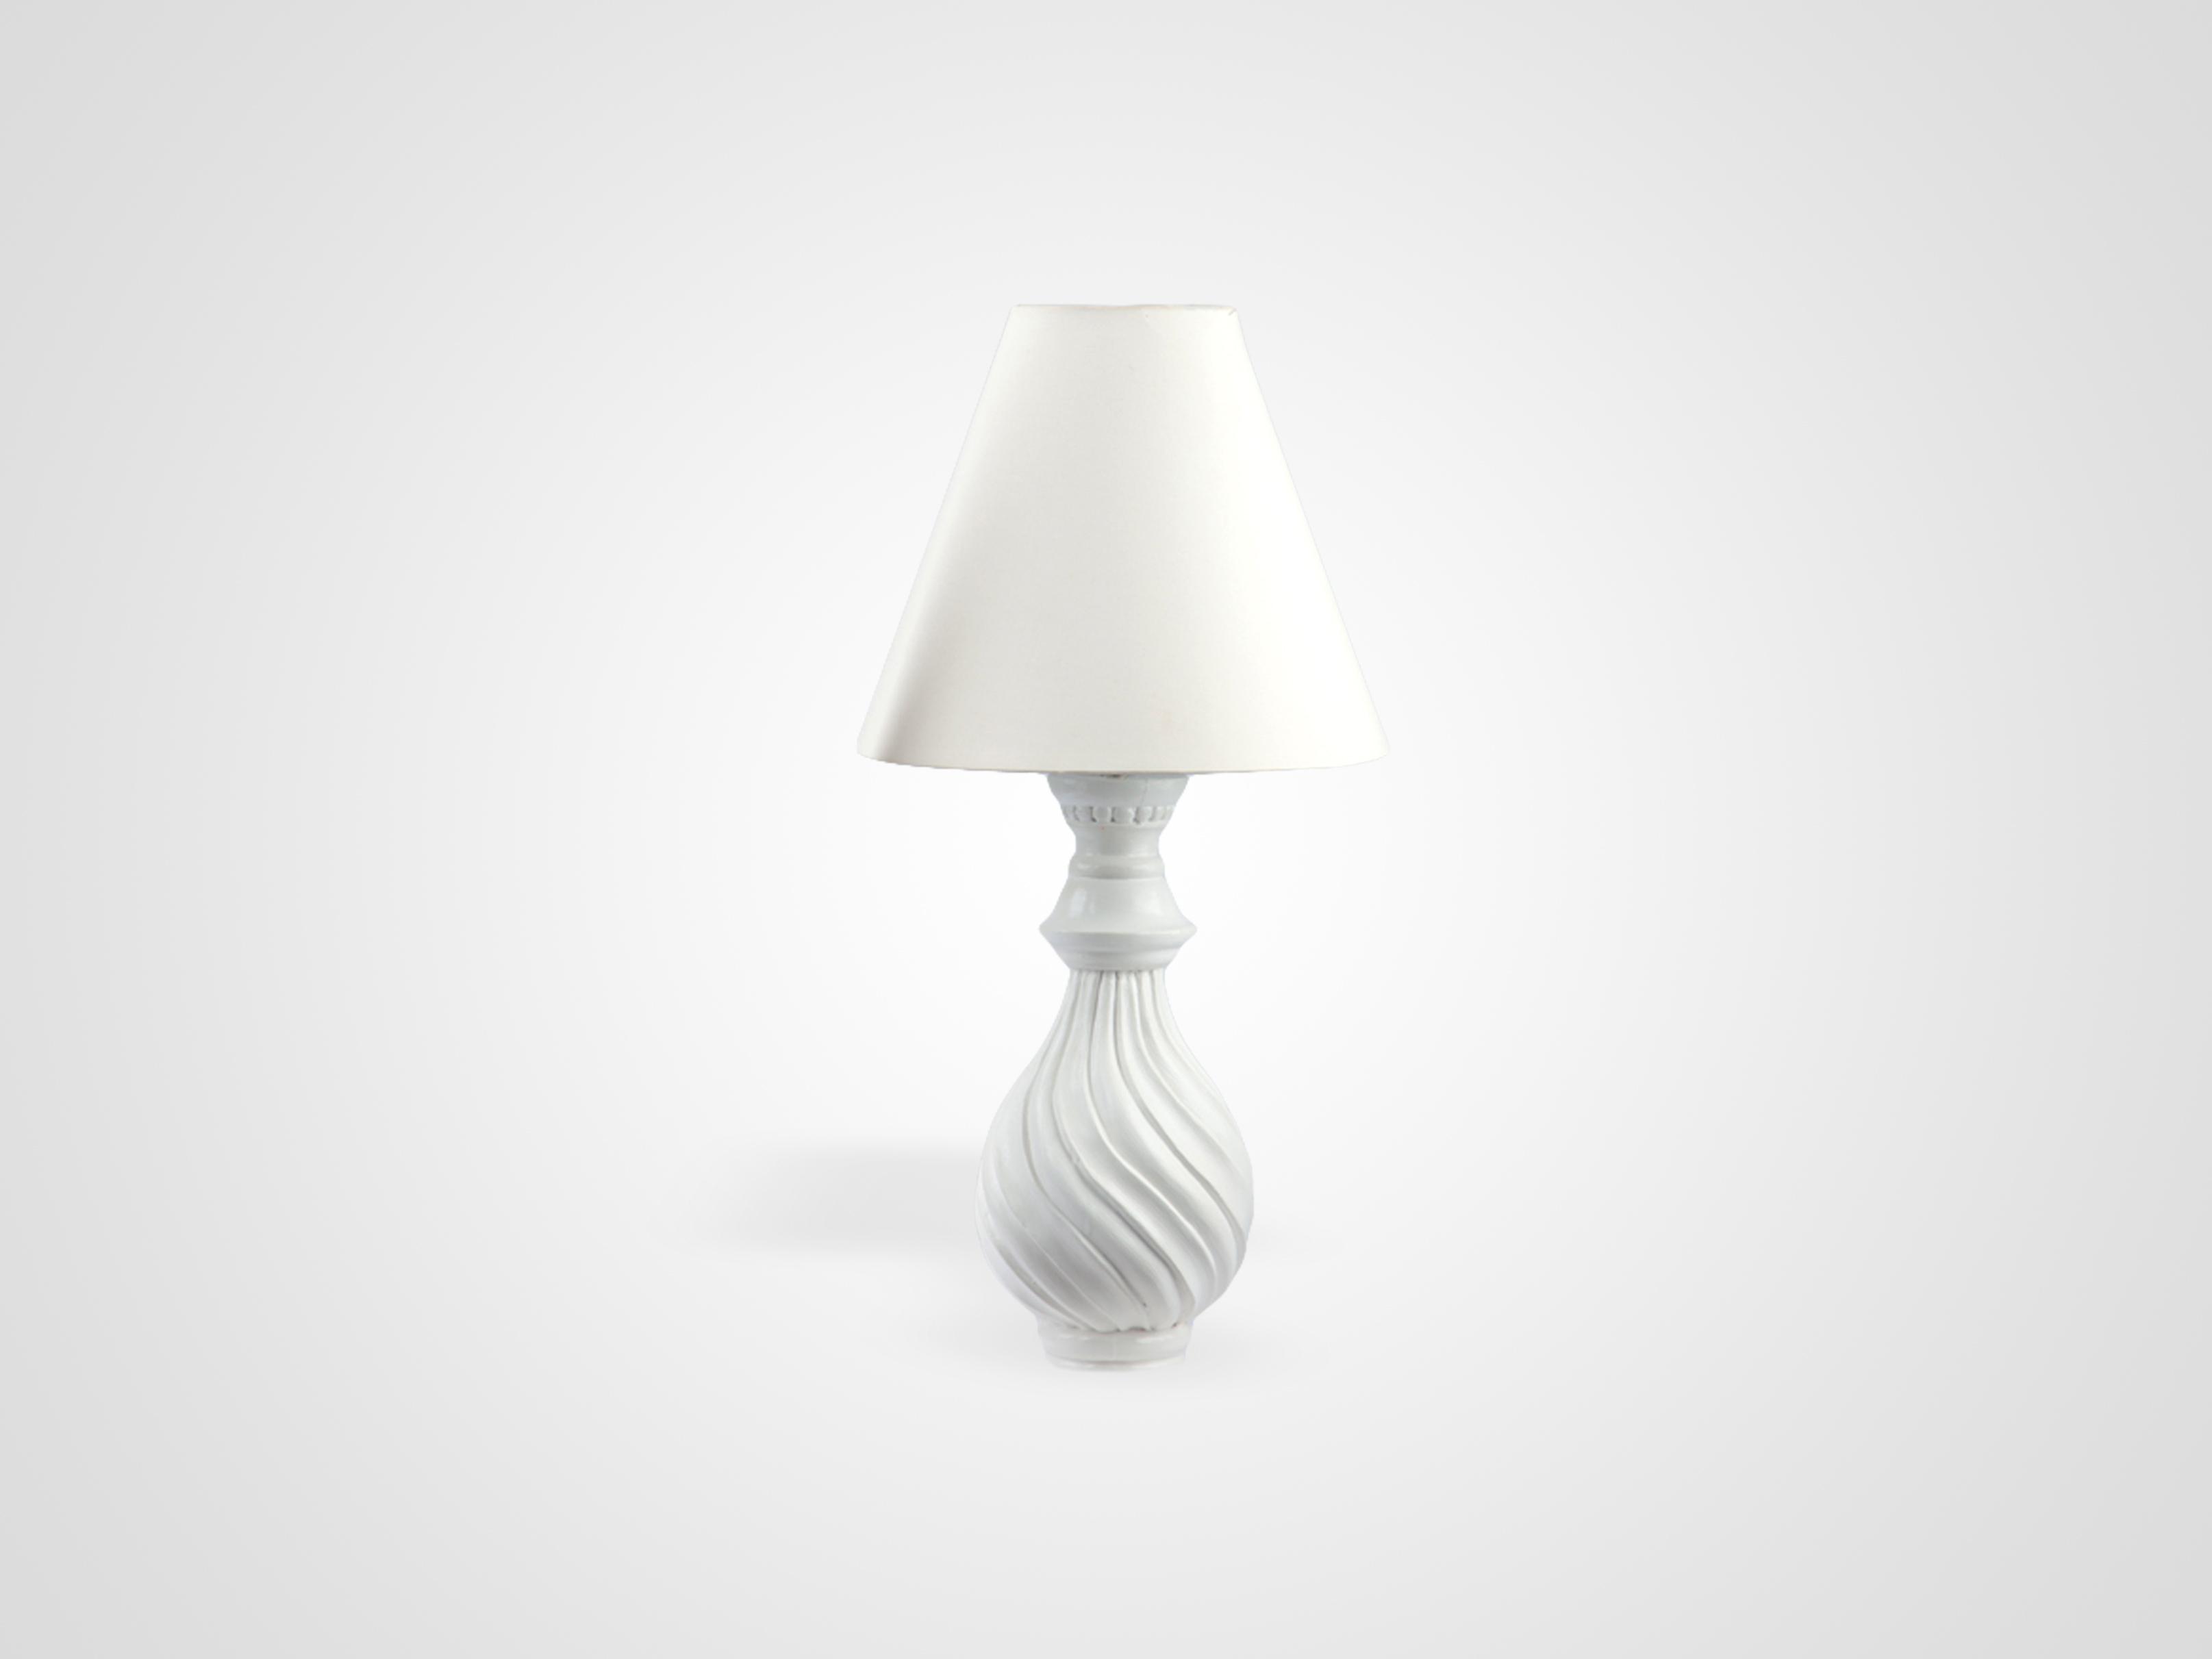 Купить Лампа настольная на резной ножке из дерева махагони, inmyroom, Индонезия